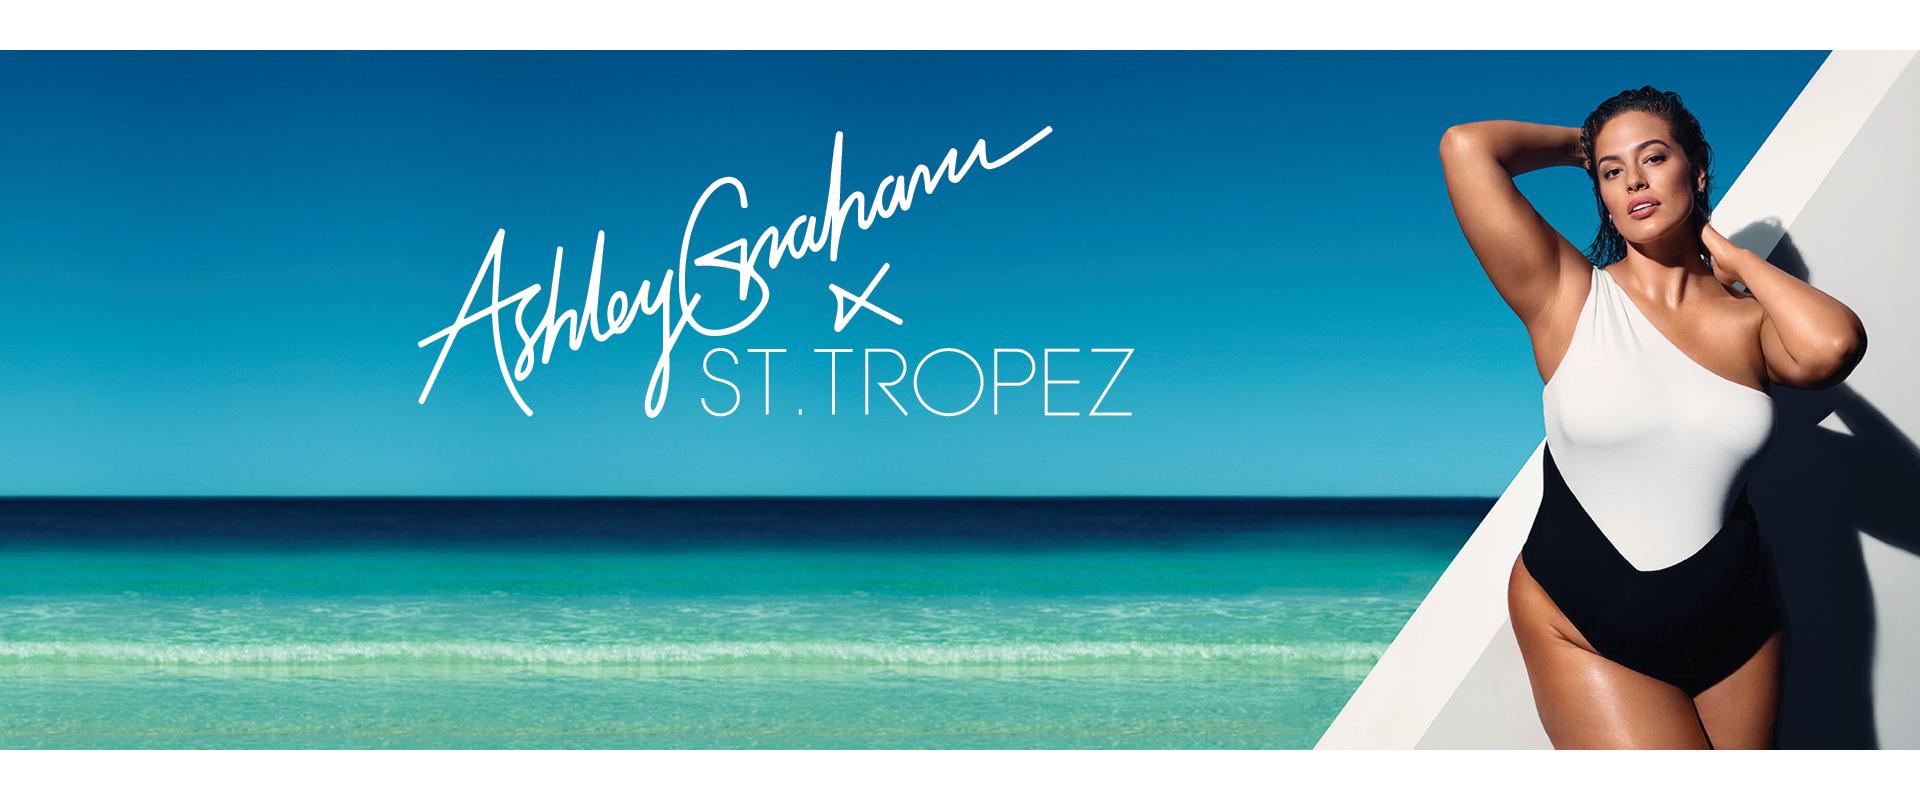 Ashley Graham X St. Tropez